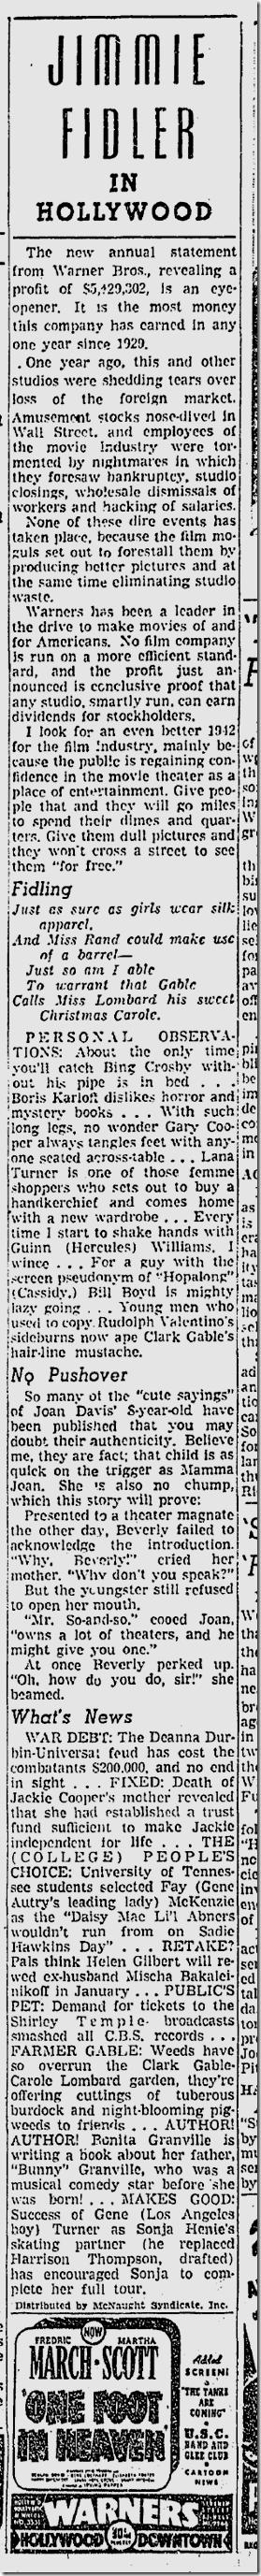 Dec. 8, 1941, Jimmie Fidler